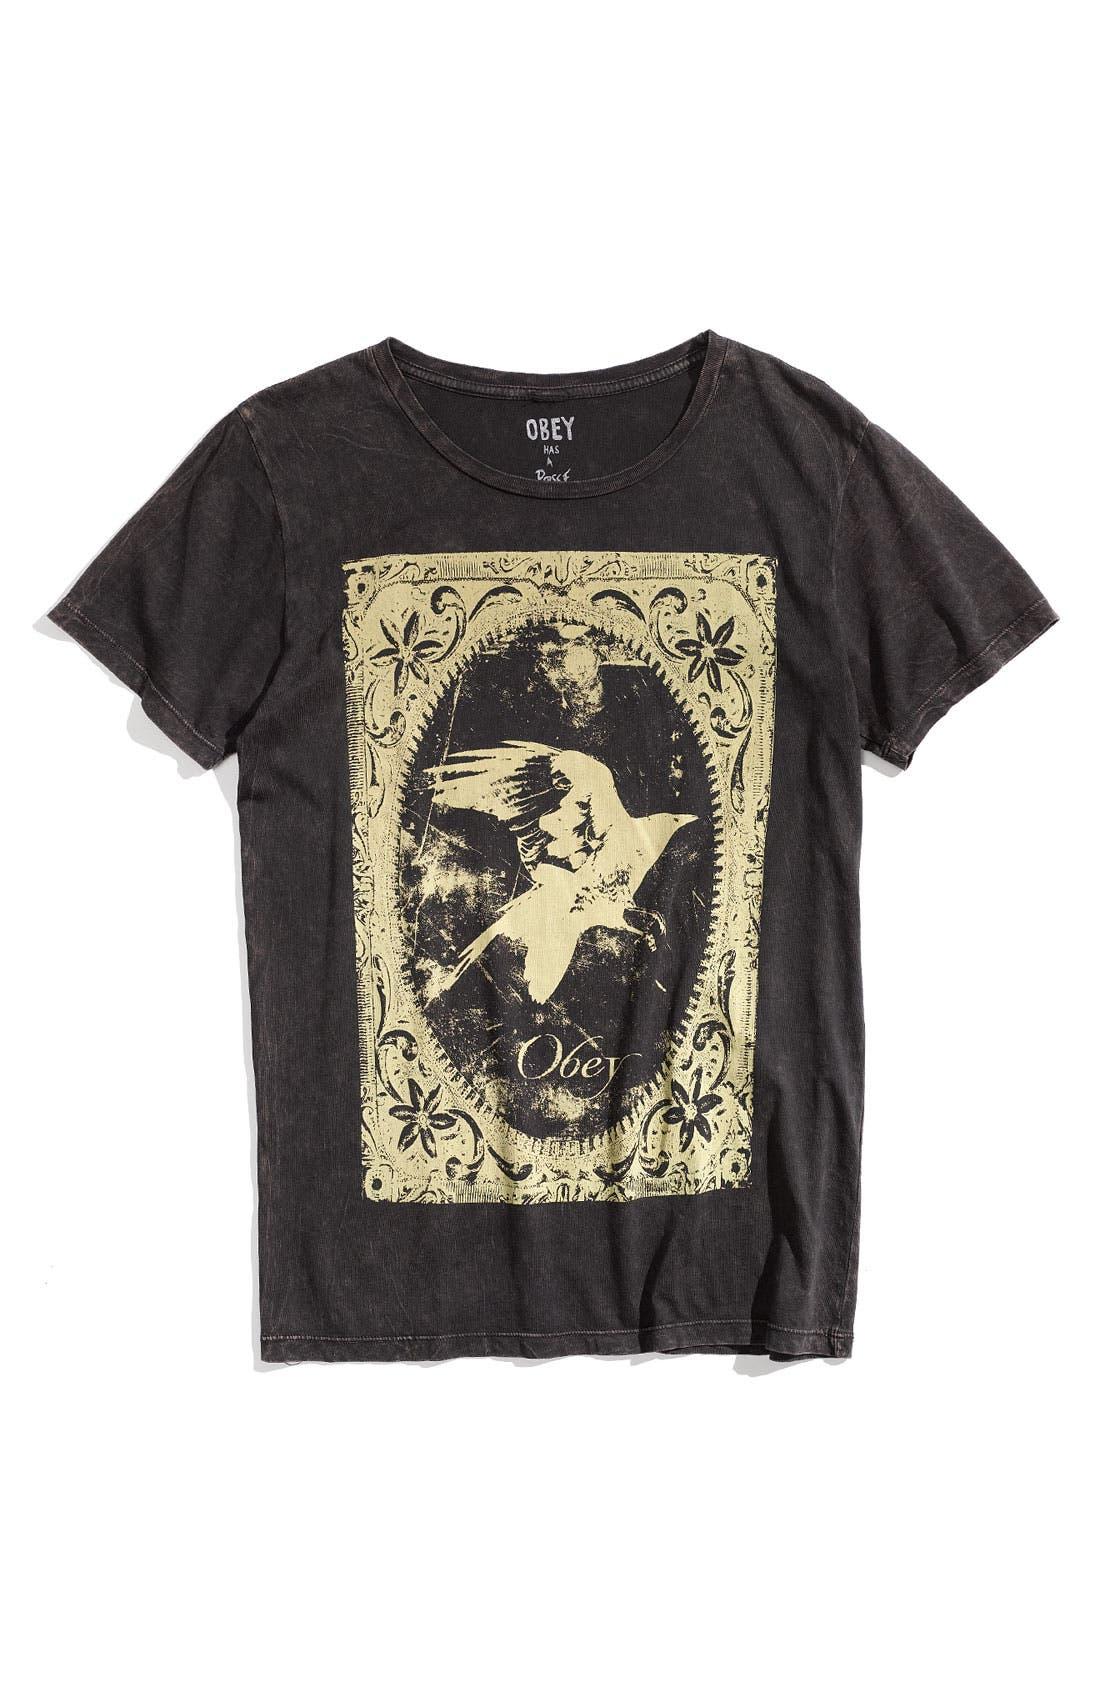 Main Image - Obey 'Black Crow' Trim Fit Crewneck T-Shirt (Men)